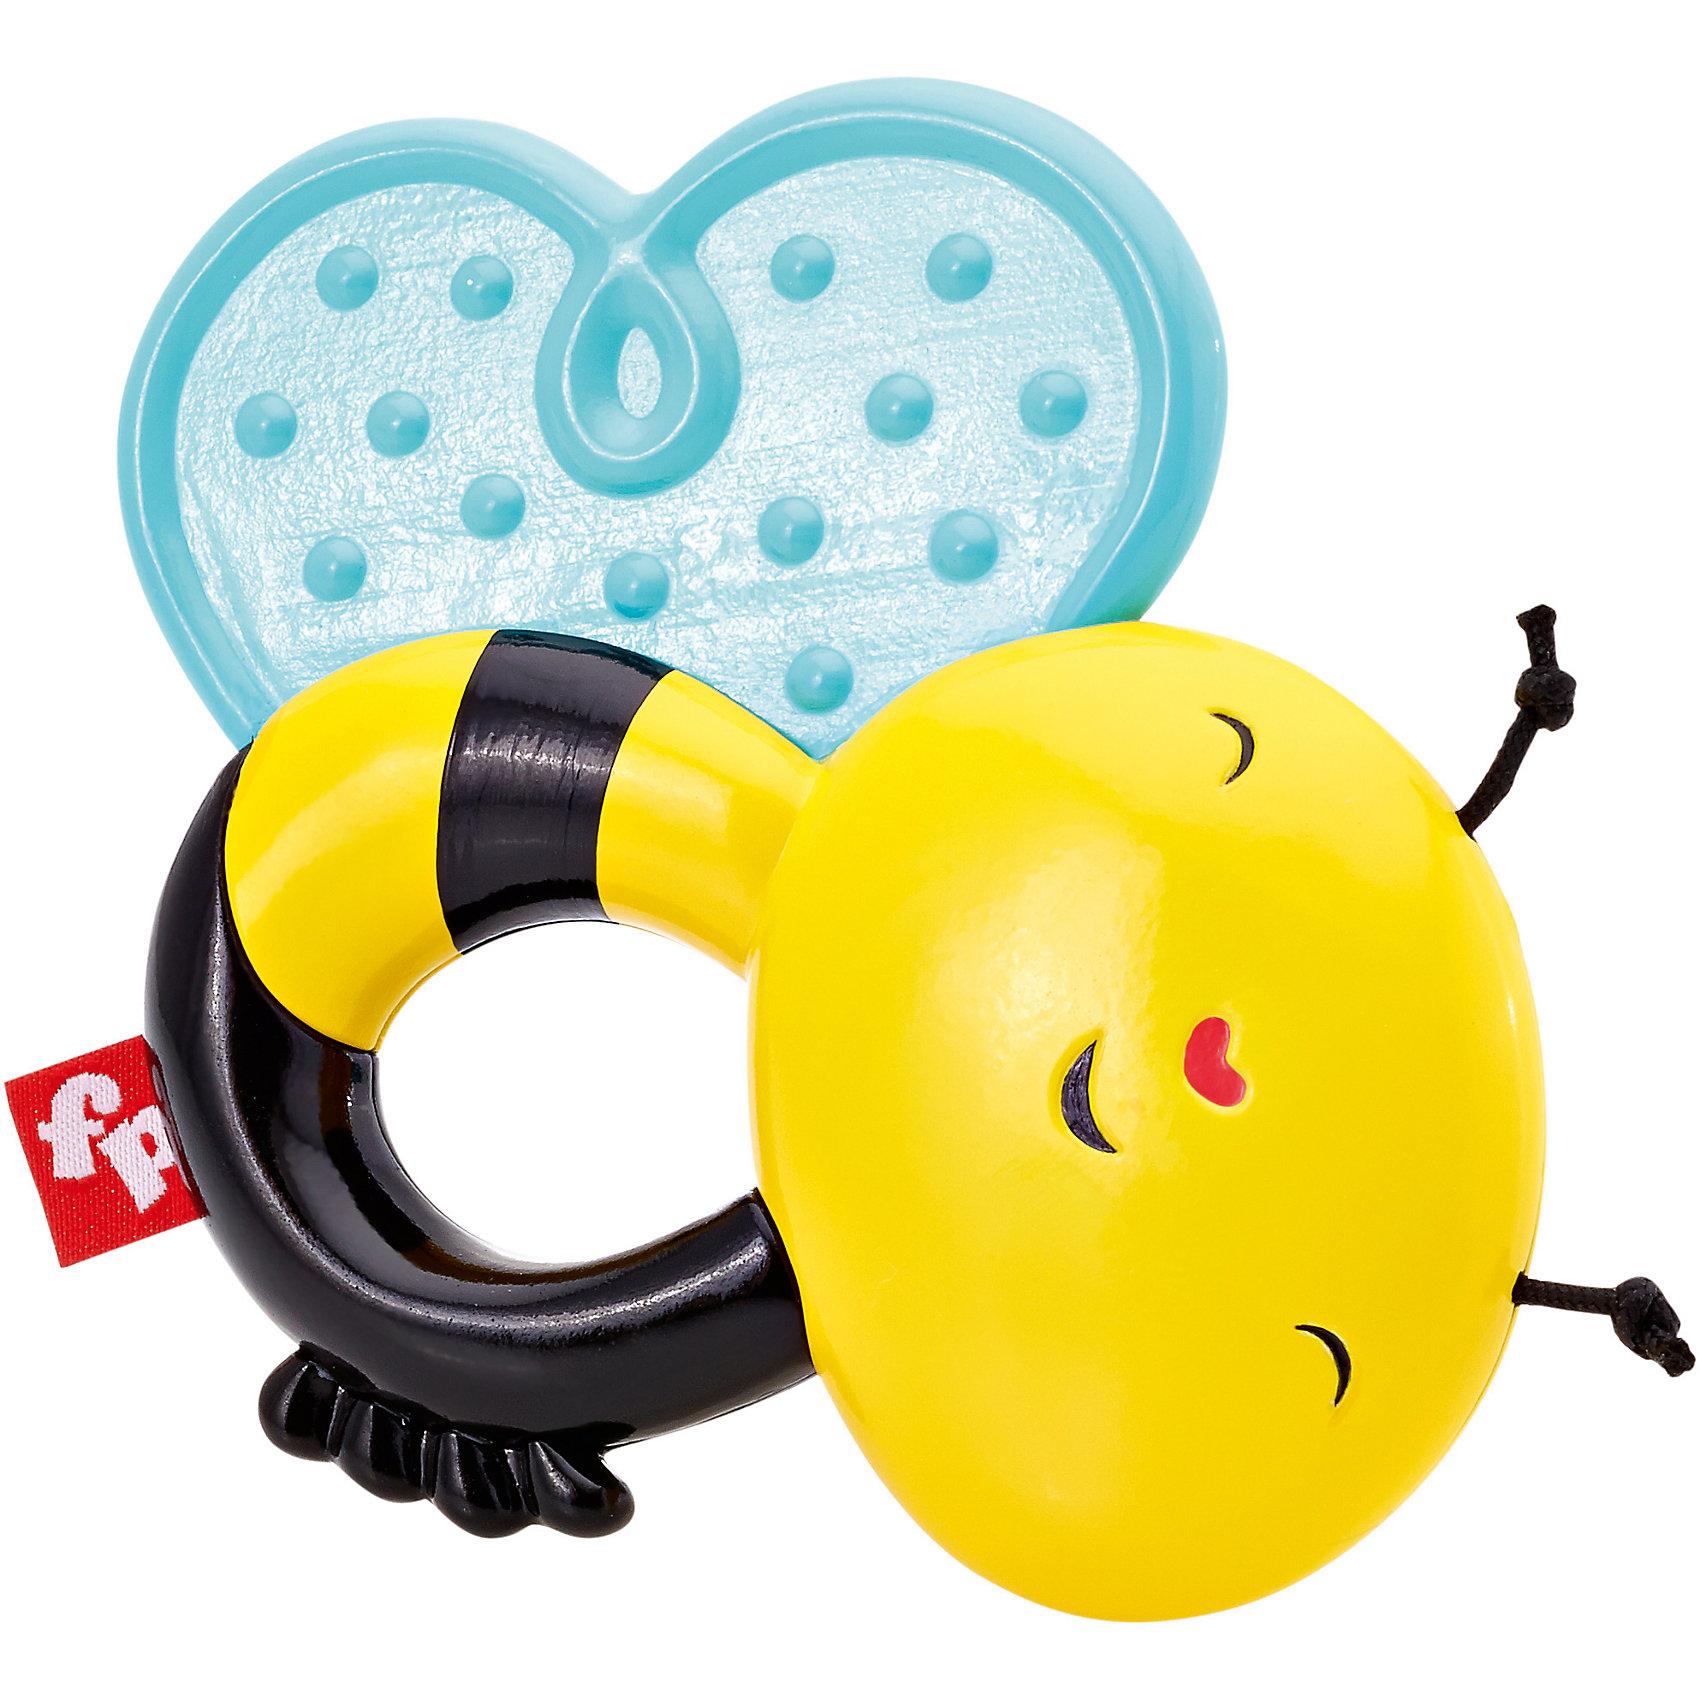 Mattel Прорезыватель Пчелка, Fisher Price ходунки велосипед фишер прайс продаю в санкт петербурге